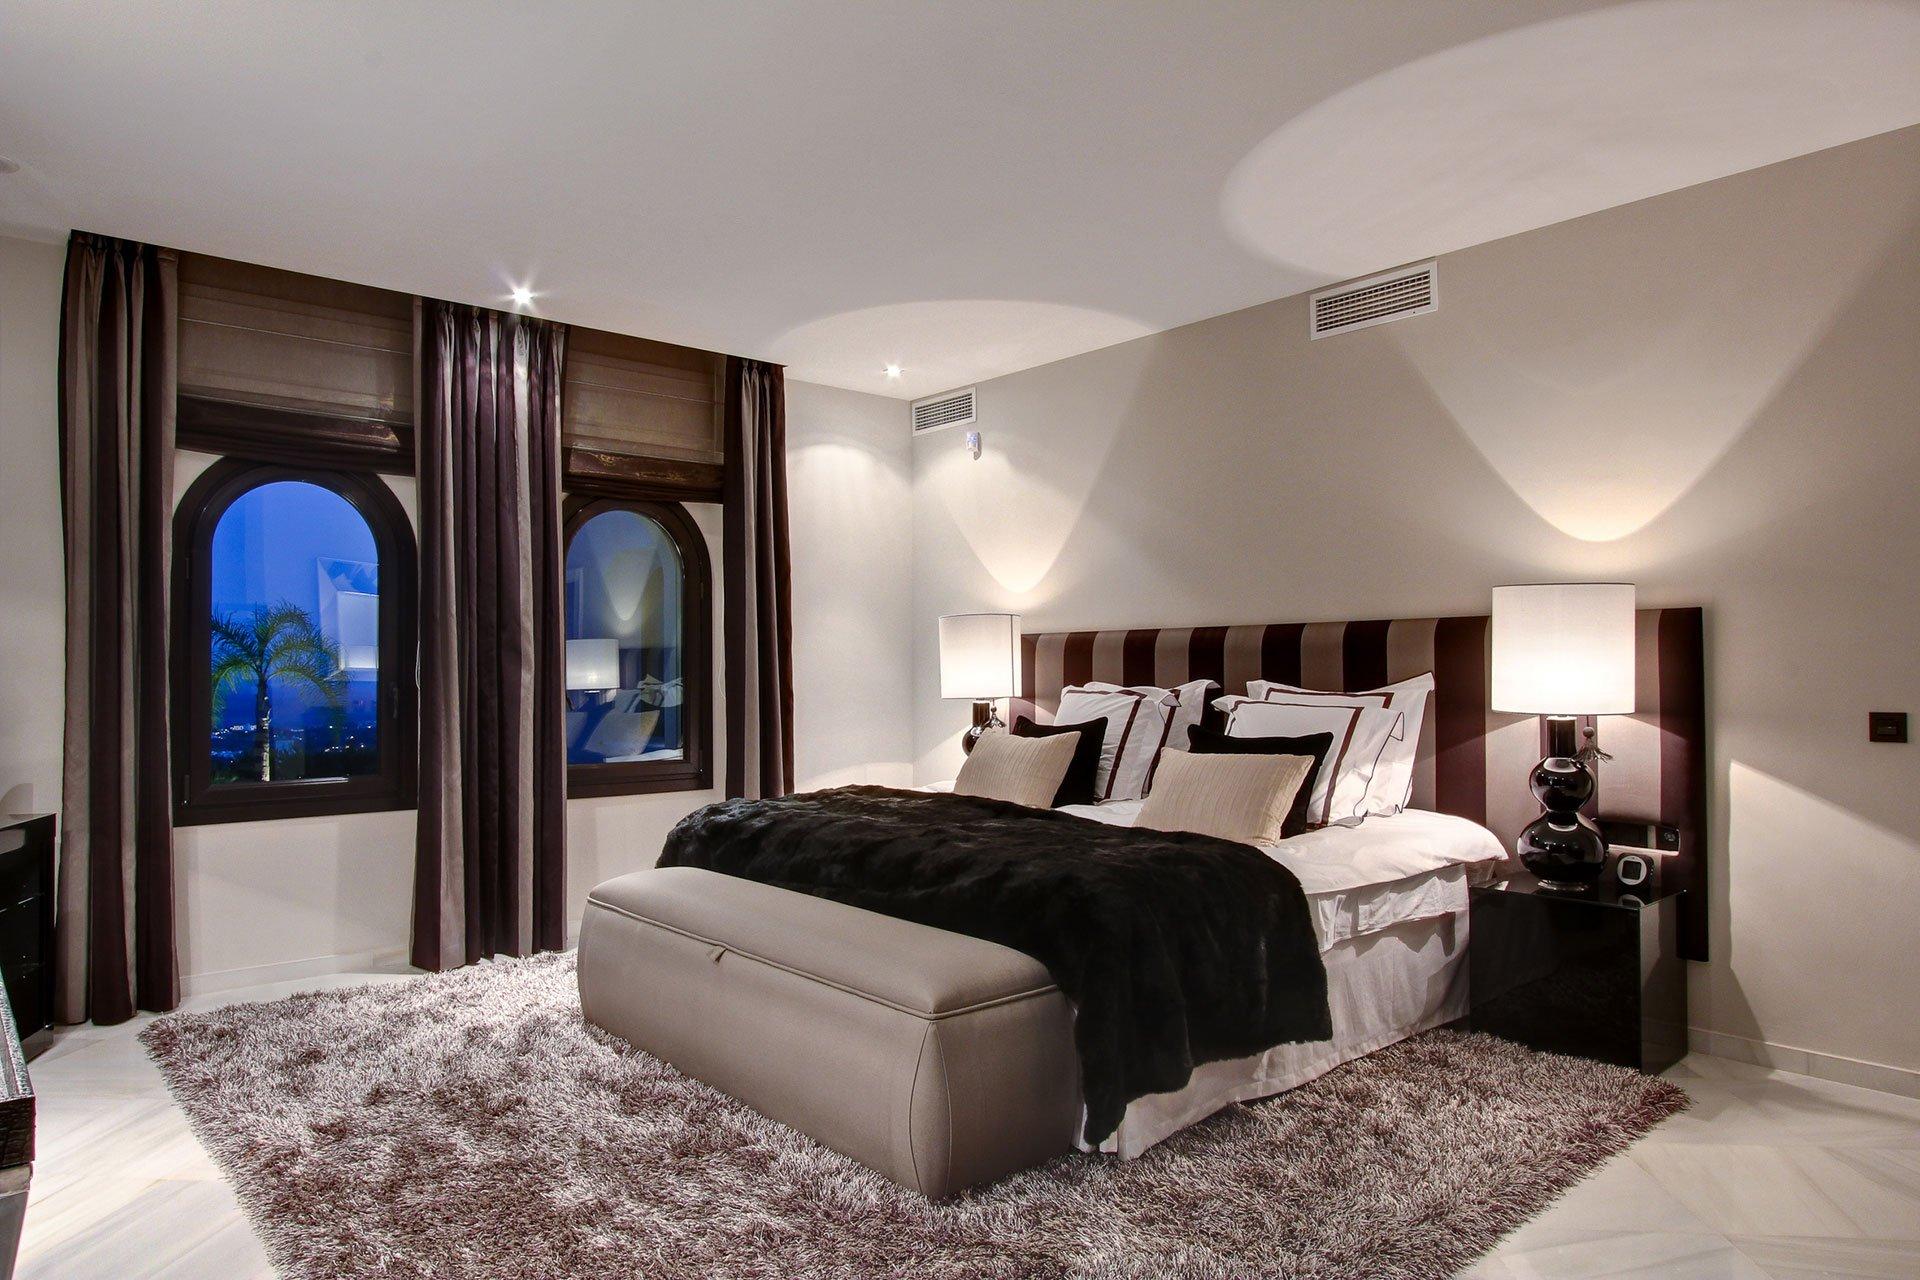 villa-marbella-bedroom-ambience-home-design-02